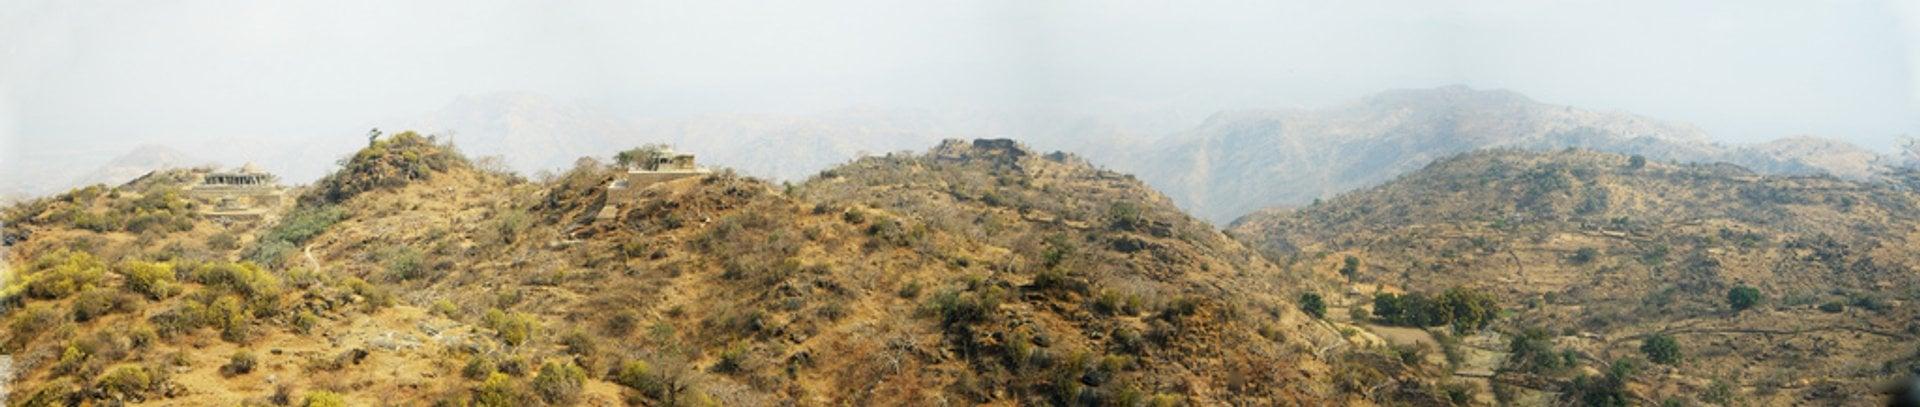 Panoramic View from Kumbhalgarh